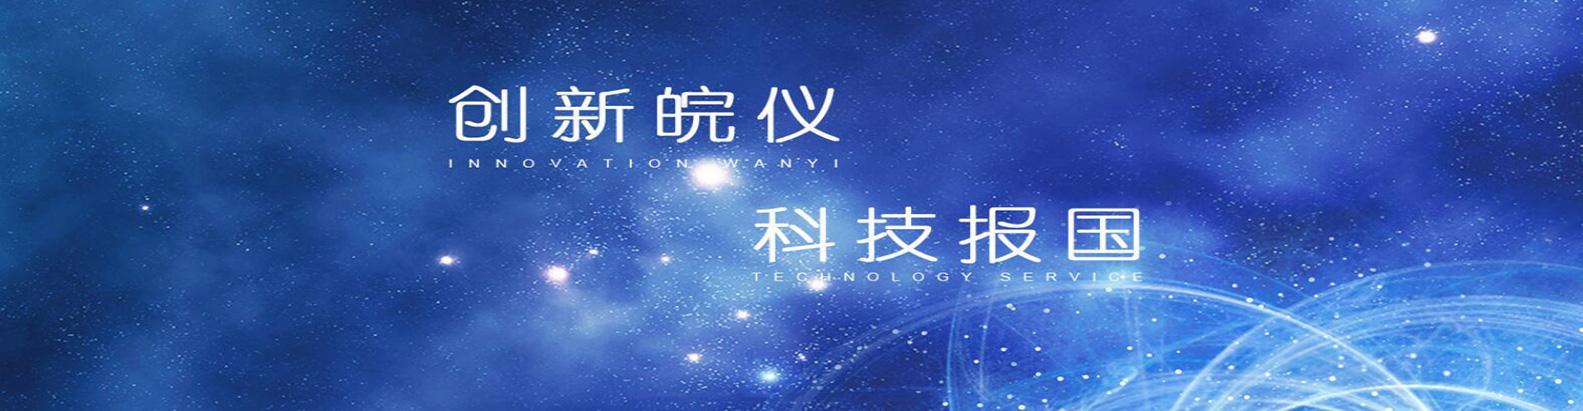 安徽皖仪科技股份有限公司-banner